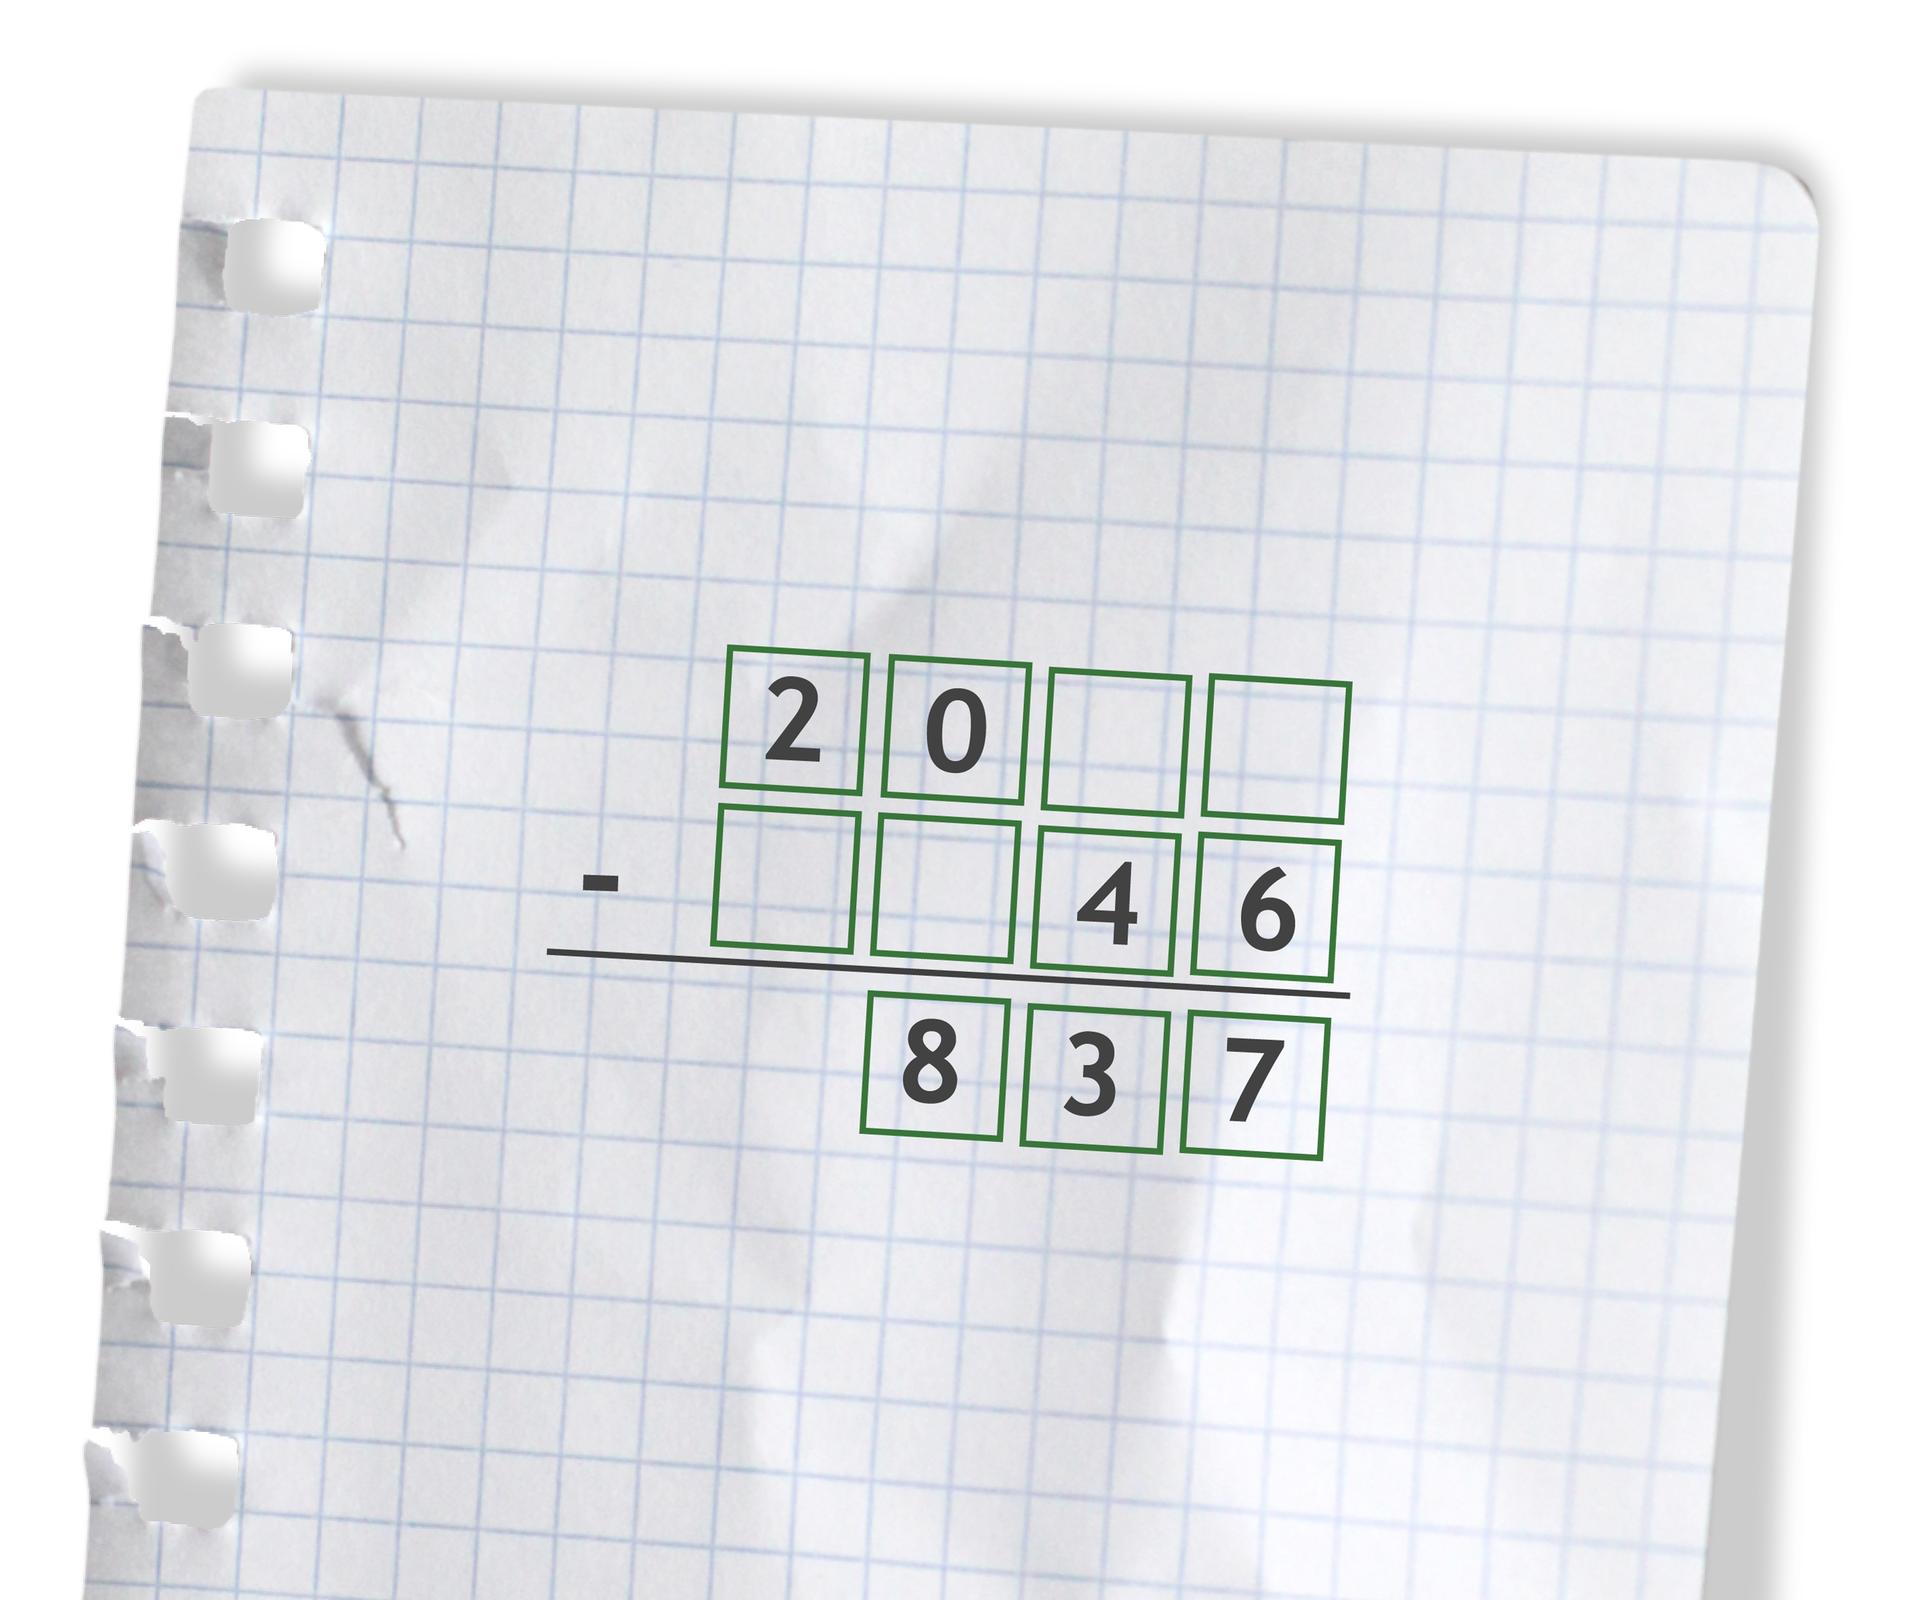 Przykład - puste miejsca do uzupełnienia cyframi: 20 puste puste odjąć puste puste 46 =837.